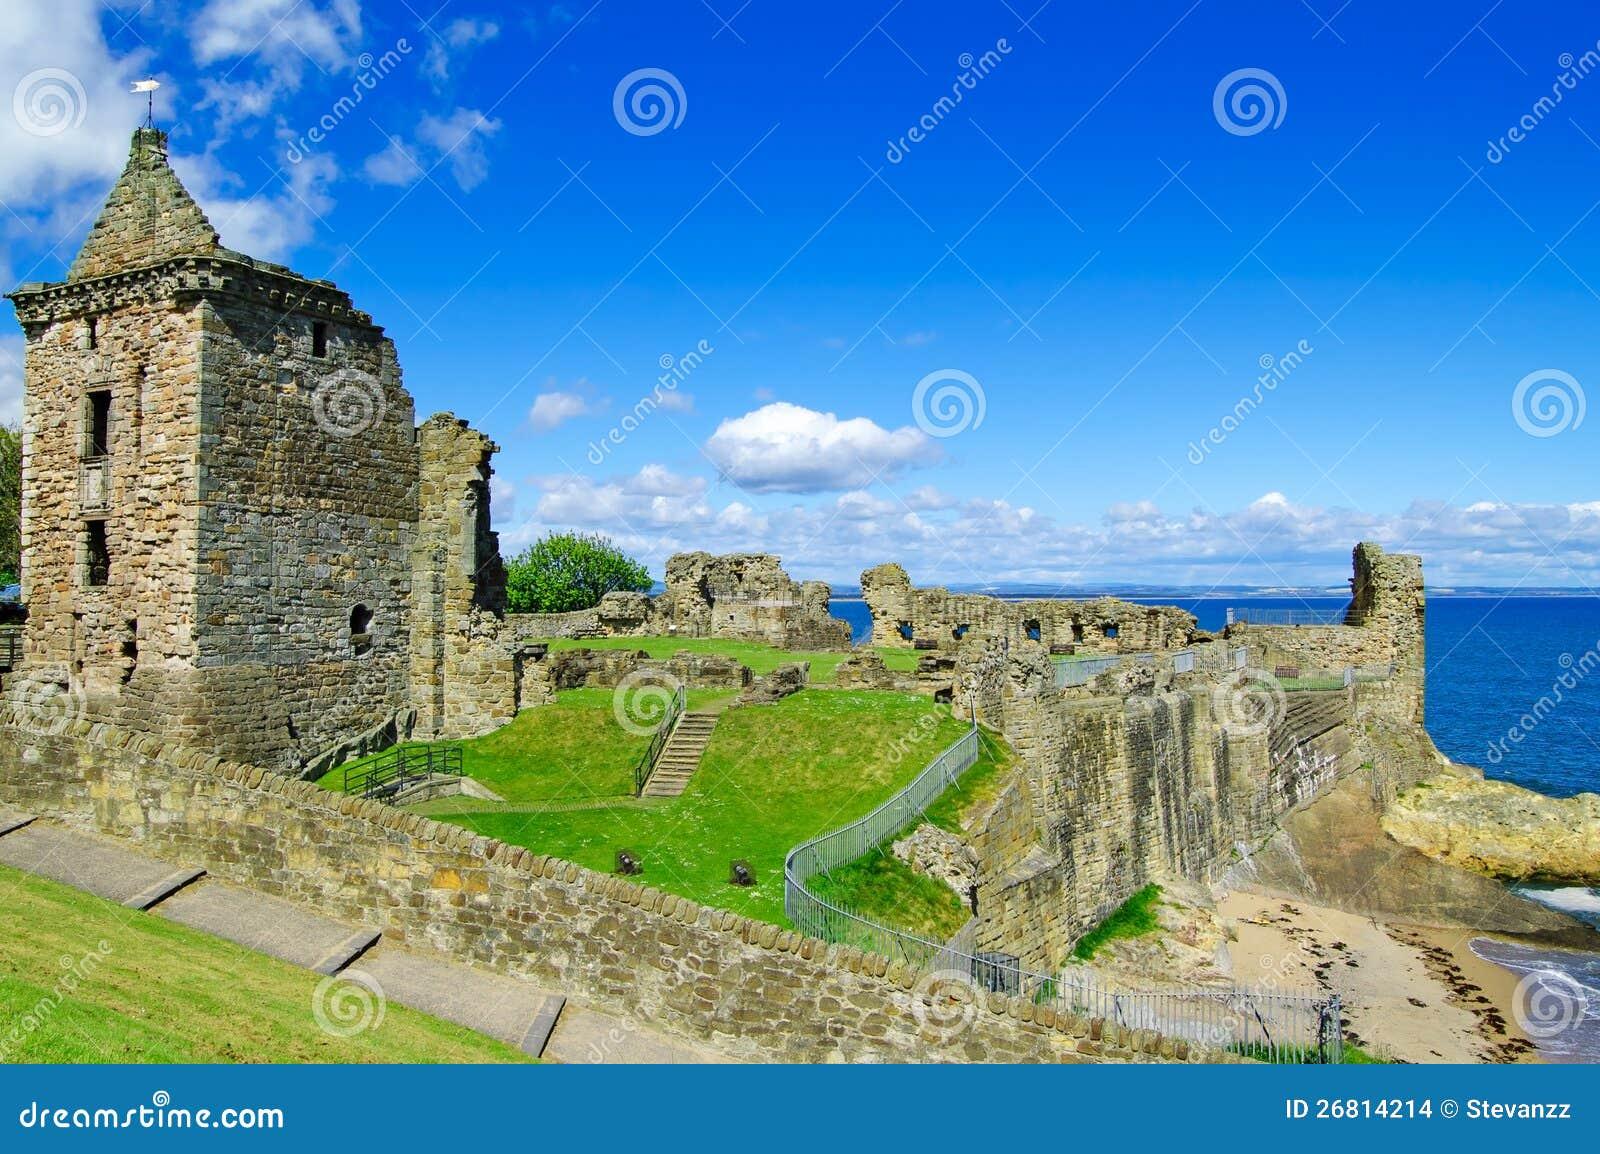 St Andrews Castle ruins landmark. Fife, Scotland.